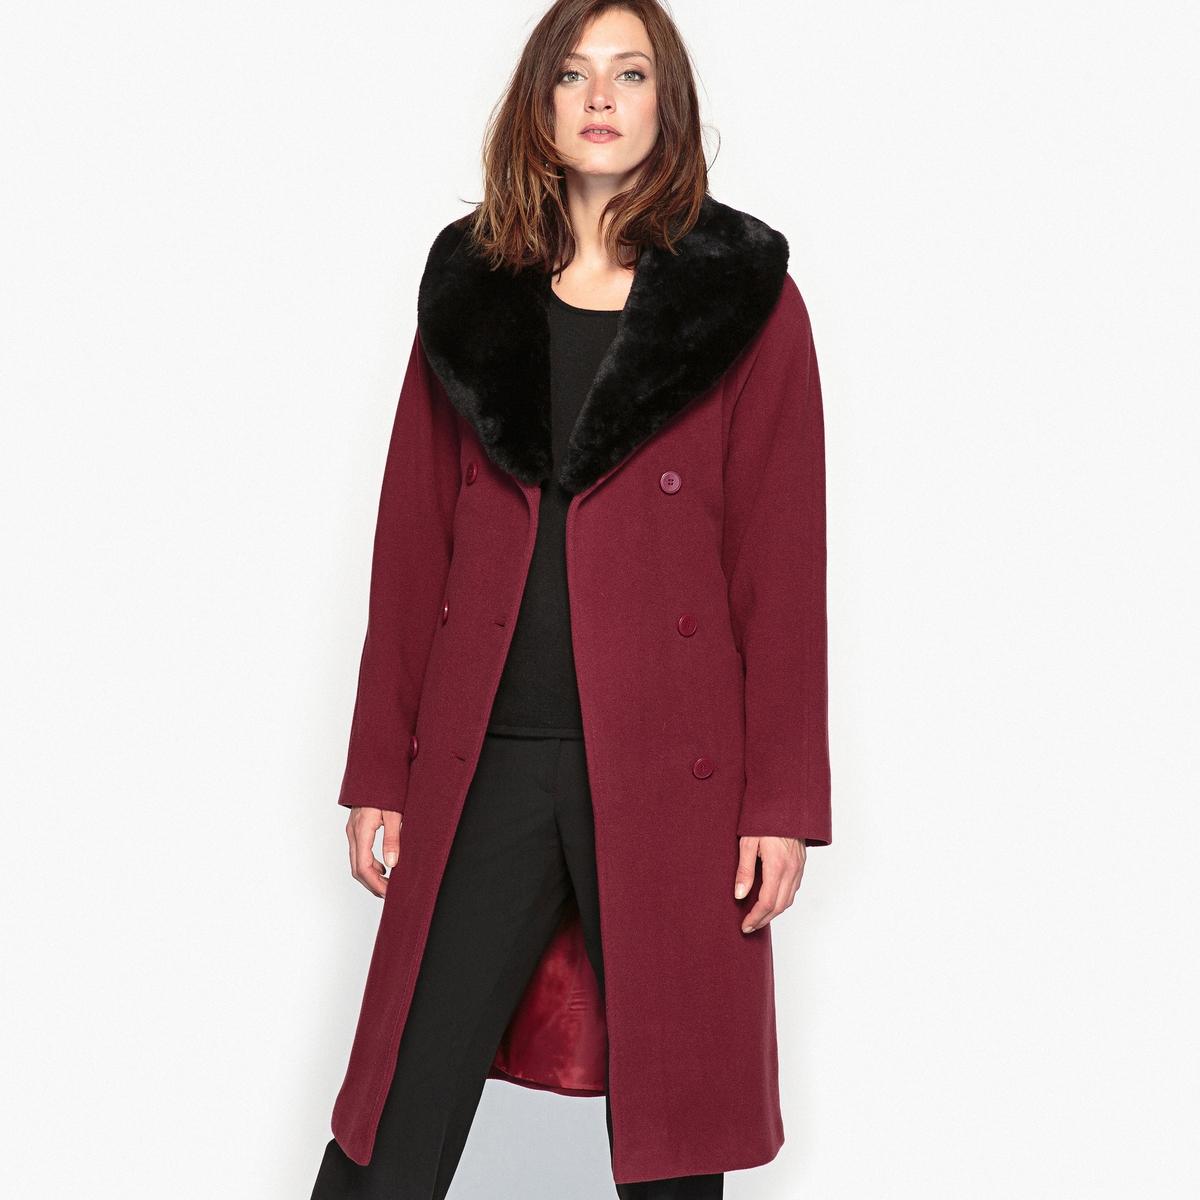 Пальто из шерсти и кашемира, длина 100 смОписание:Элегантное пальто из великолепного высокачественного шерстяного велюра, теплого и комфортного, в котором вам будет тепло этой зимой. Детали •  Длина : удлиненная модель •  Воротник-поло, рубашечный • Застежка на пуговицыСостав и уход •  70% шерсти, 10% кашемира, 20% полиамида •  Подкладка : 100% полиэстер • Не стирать •  Гладить при низкой температуре / не отбеливать •  Не использовать барабанную сушку   •  Допускается чистка любыми растворителями  •  Съемный воротник из искусственного меха  •  Шлица сзади  •  Внутренний карман •  Отделка прострочкой<br><br>Цвет: бордовый/ черный,серый меланж/черный,темно-бежевый/каштан,черный/ черный<br>Размер: 50 (FR) - 56 (RUS).46 (FR) - 52 (RUS).40 (FR) - 46 (RUS).46 (FR) - 52 (RUS).50 (FR) - 56 (RUS).52 (FR) - 58 (RUS).50 (FR) - 56 (RUS).38 (FR) - 44 (RUS)